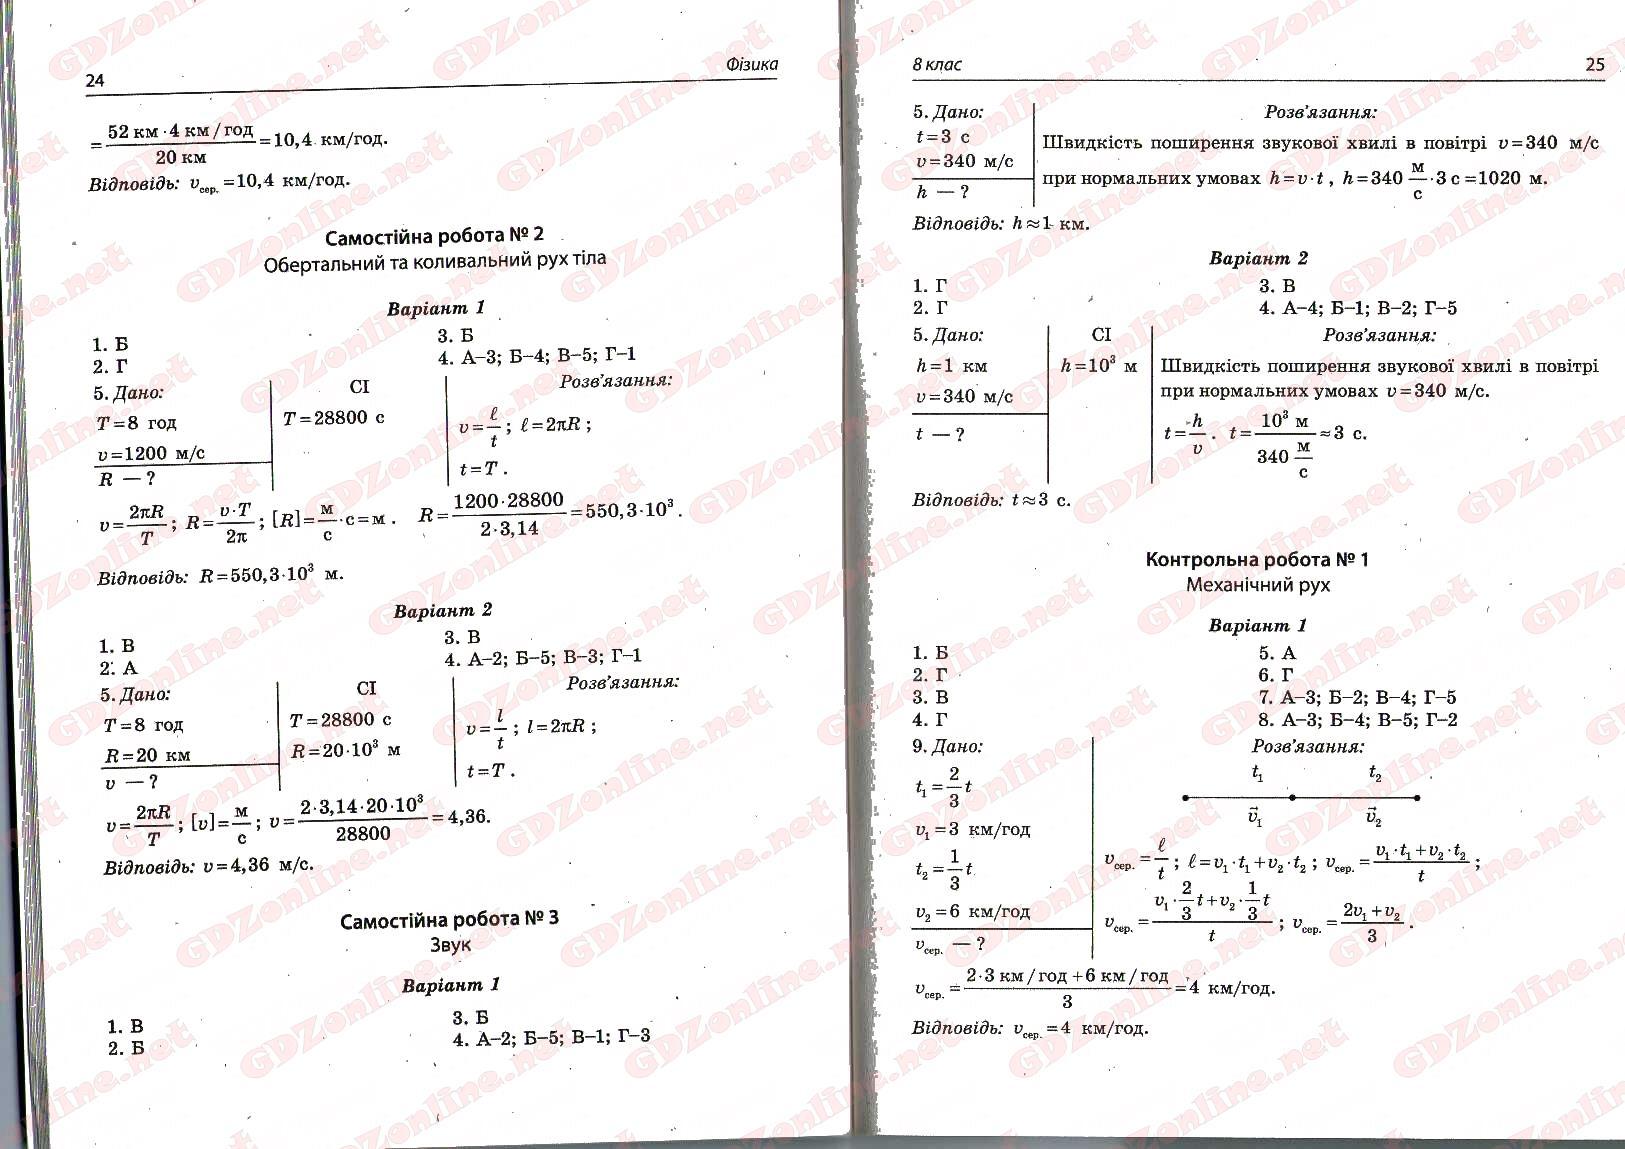 гдз фізика робочий зошит 9 клас варениця